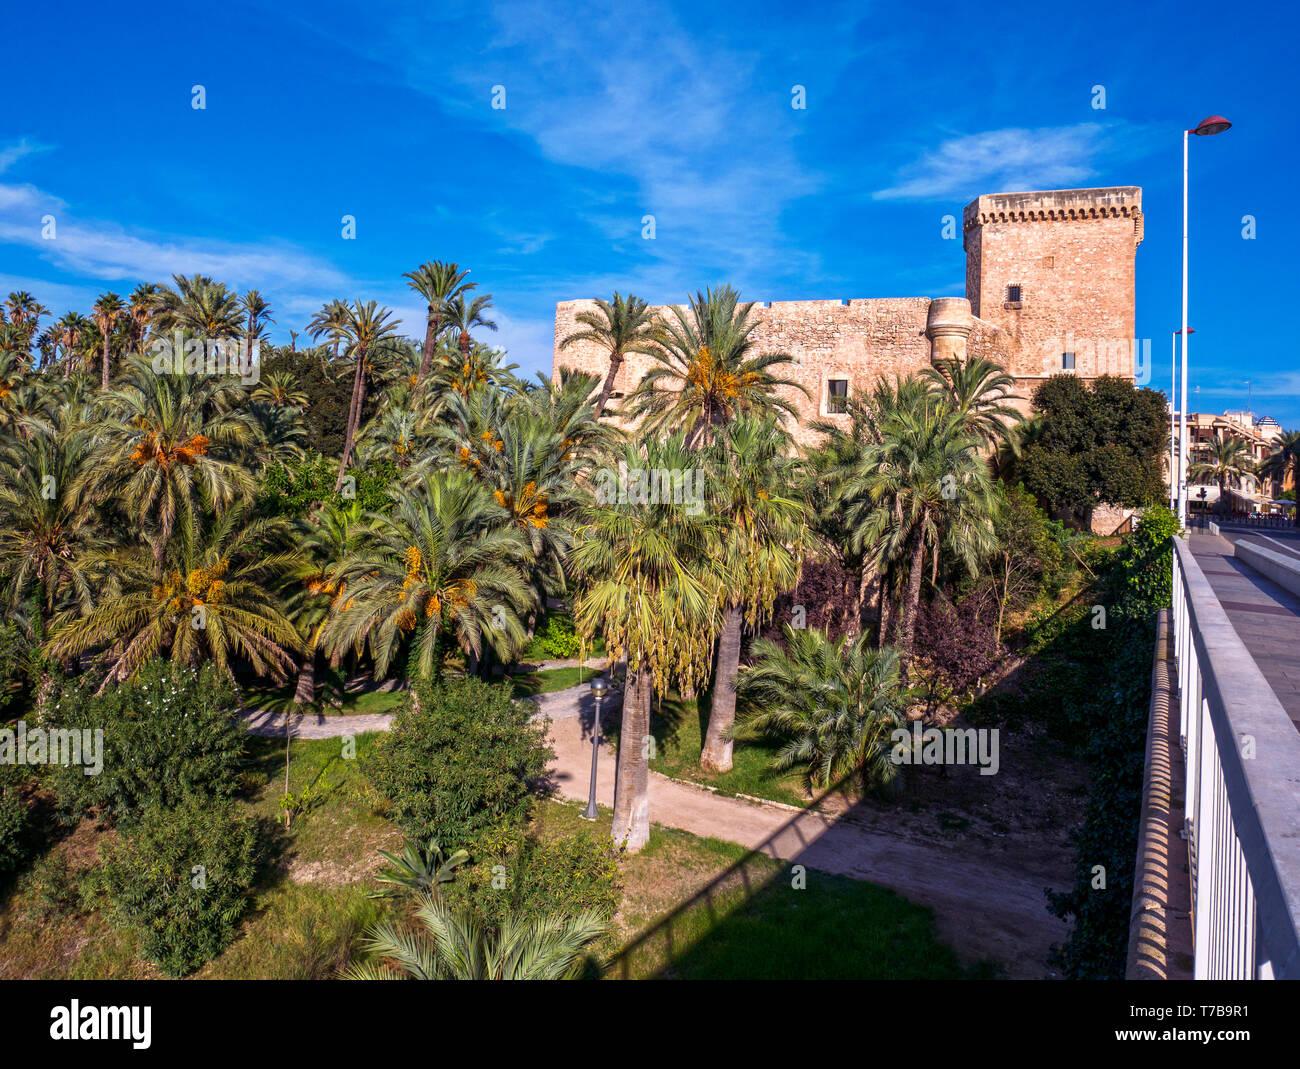 El Palacio De Altamira Sede Del Museo Arqueologico Y De Historia De